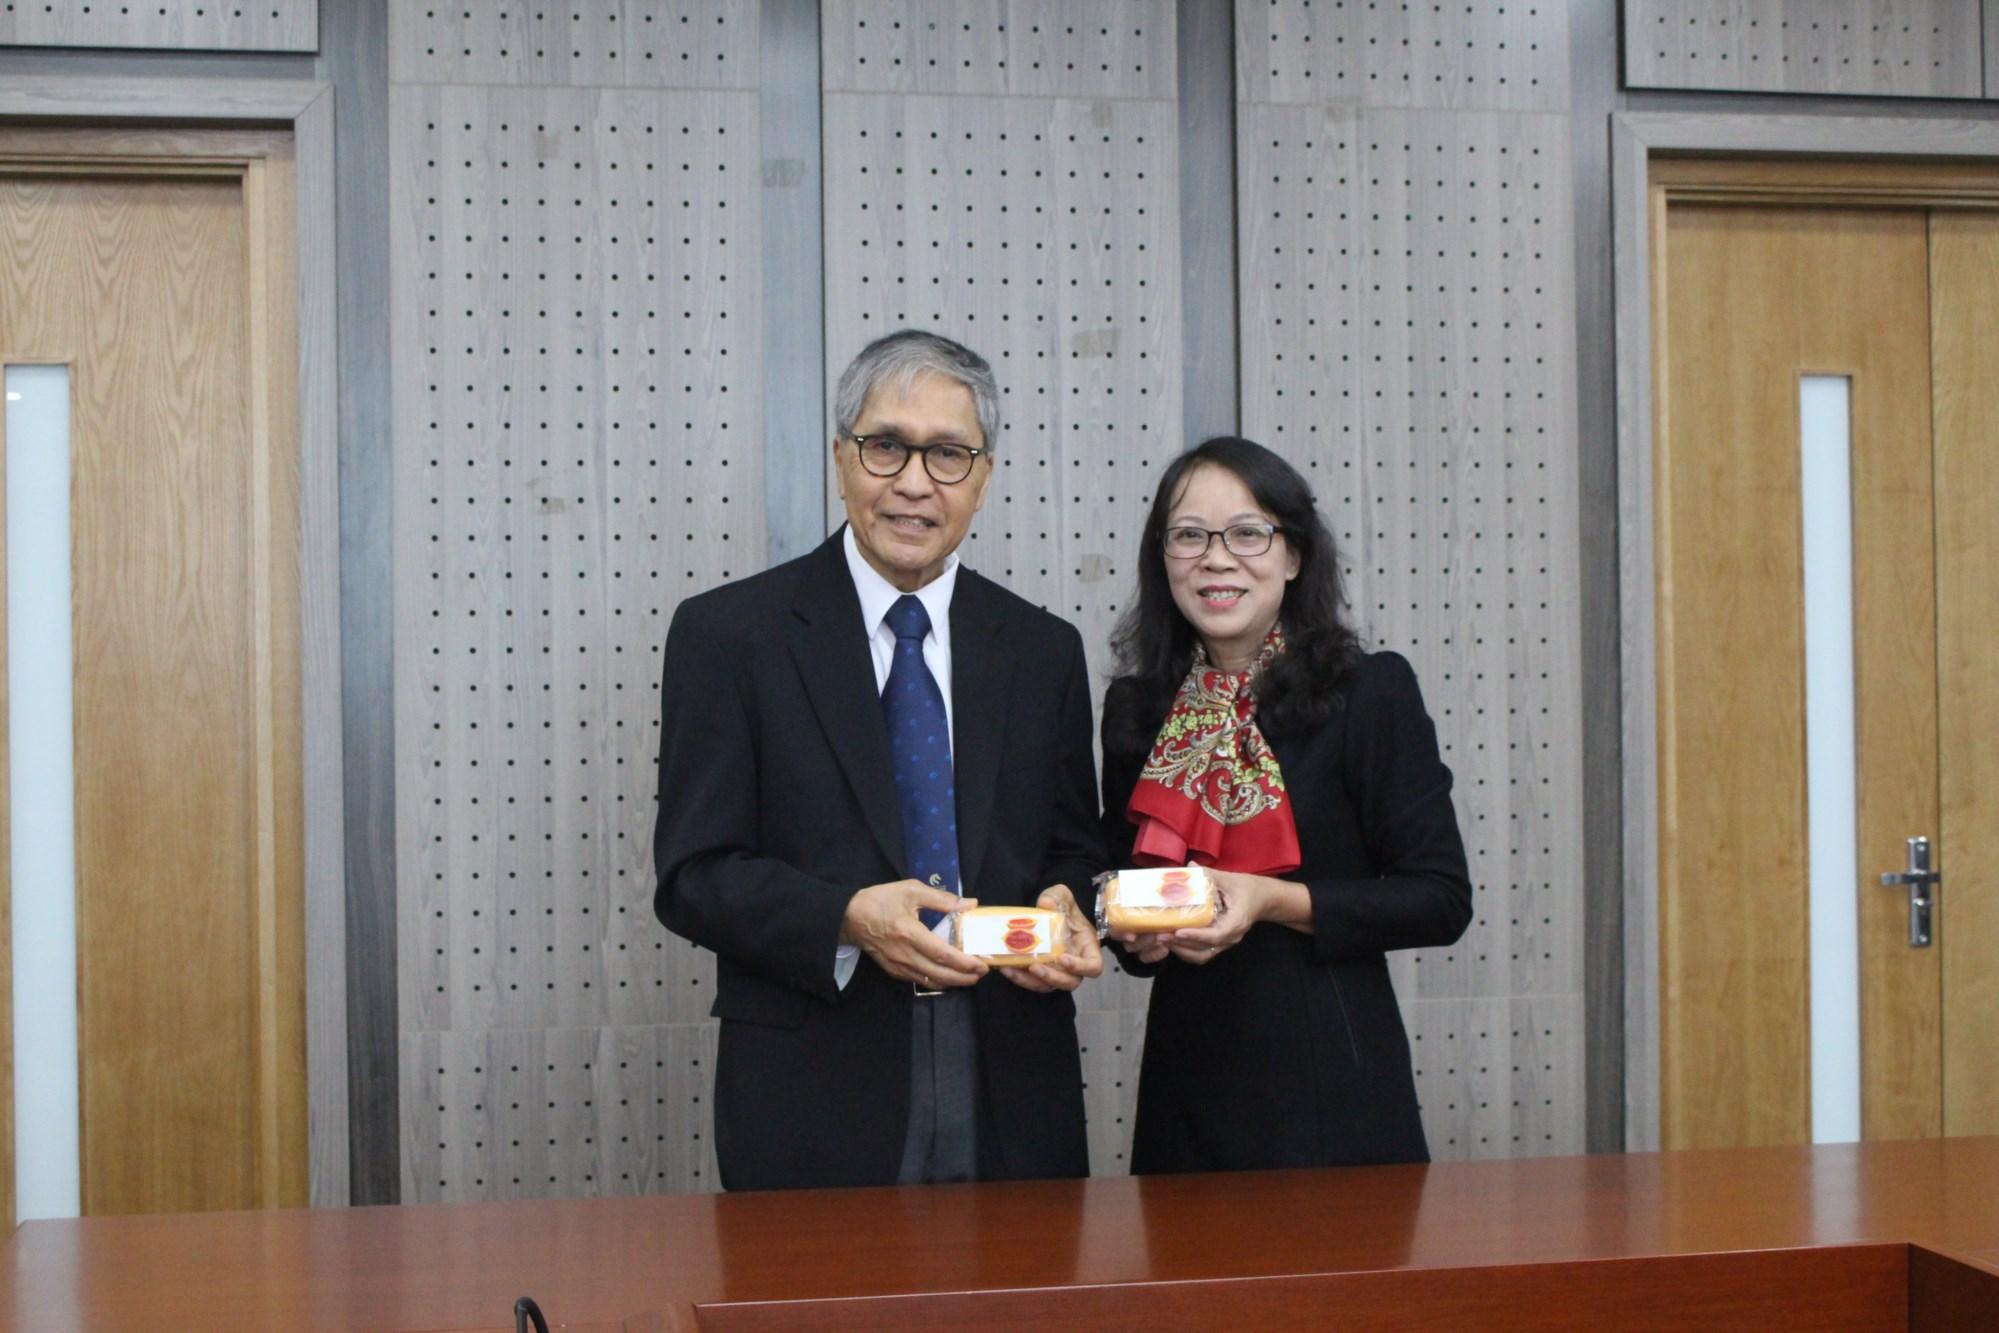 PGS. Nguyễn Minh, đại diện Trường Đại học Newcastle tặng sản phẩm được làm từ gấc cho Thứ trưởng, Phó Chủ nhiệm Hoàng Thị Hạnh.